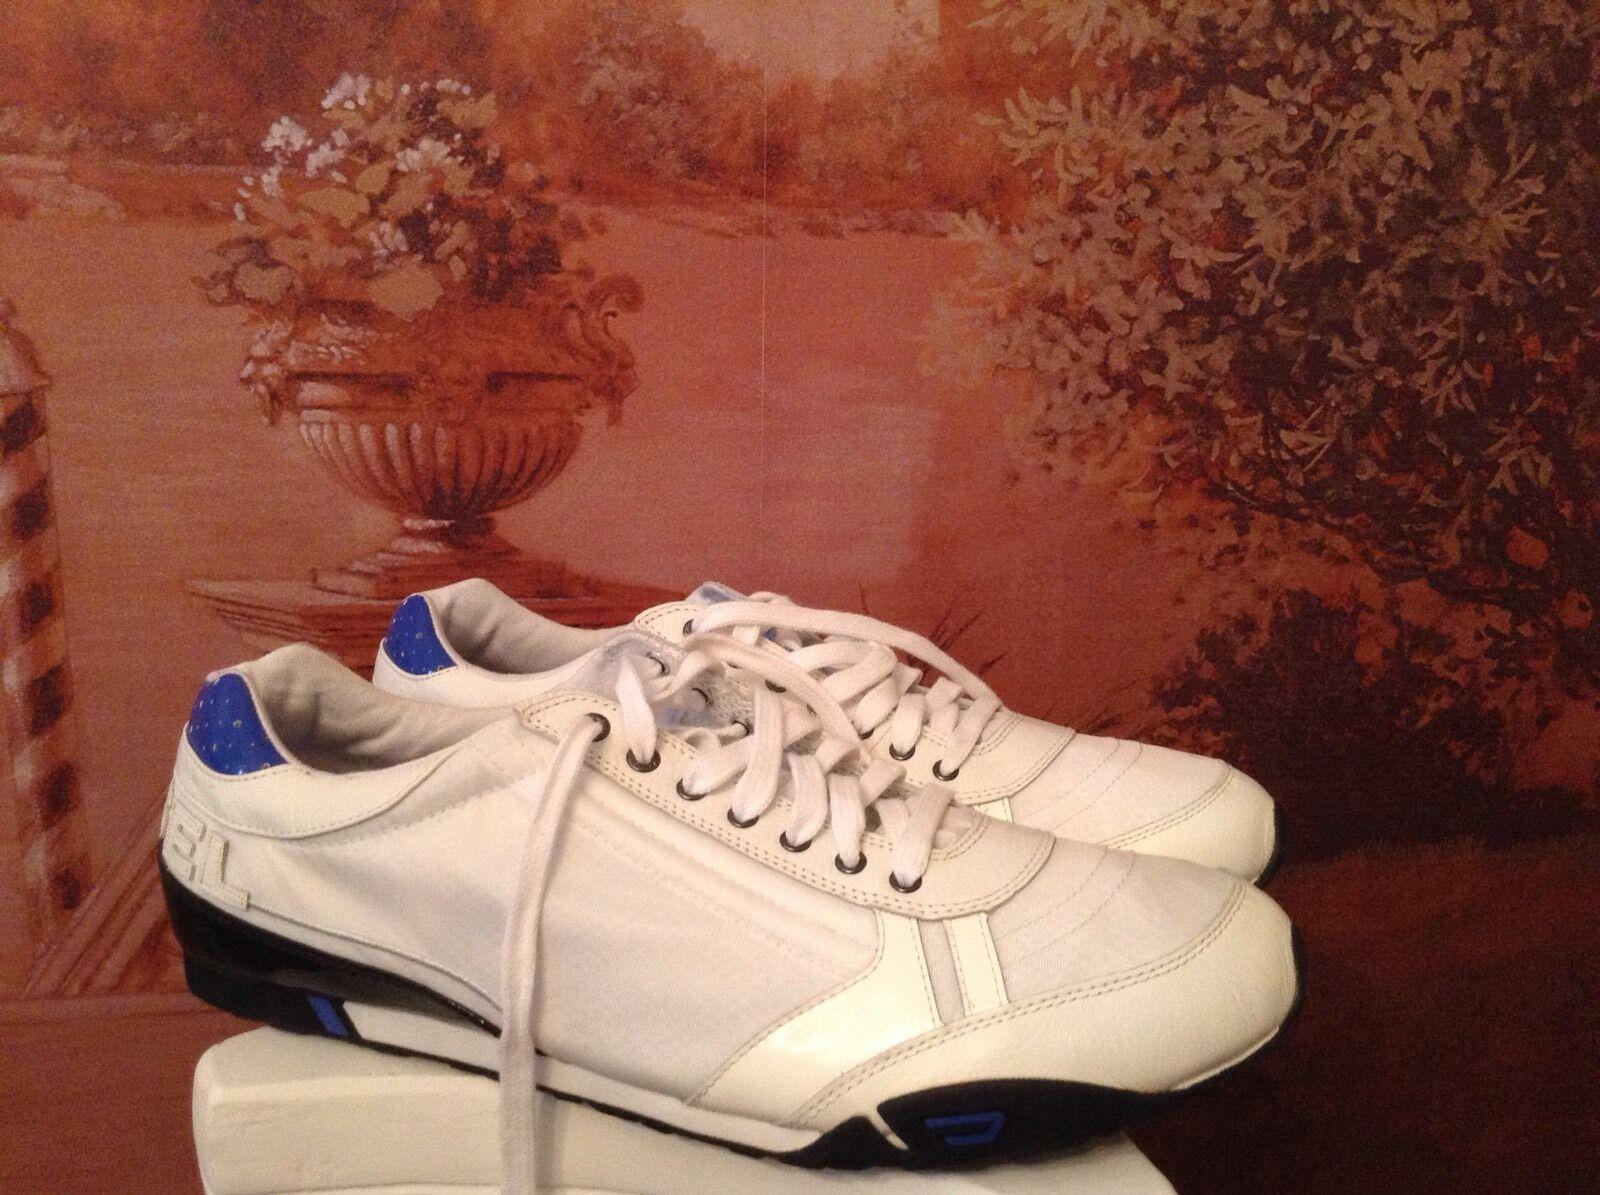 le sport oxfords baskets blanc prendre   baskets oxfords taille 13 de67f7